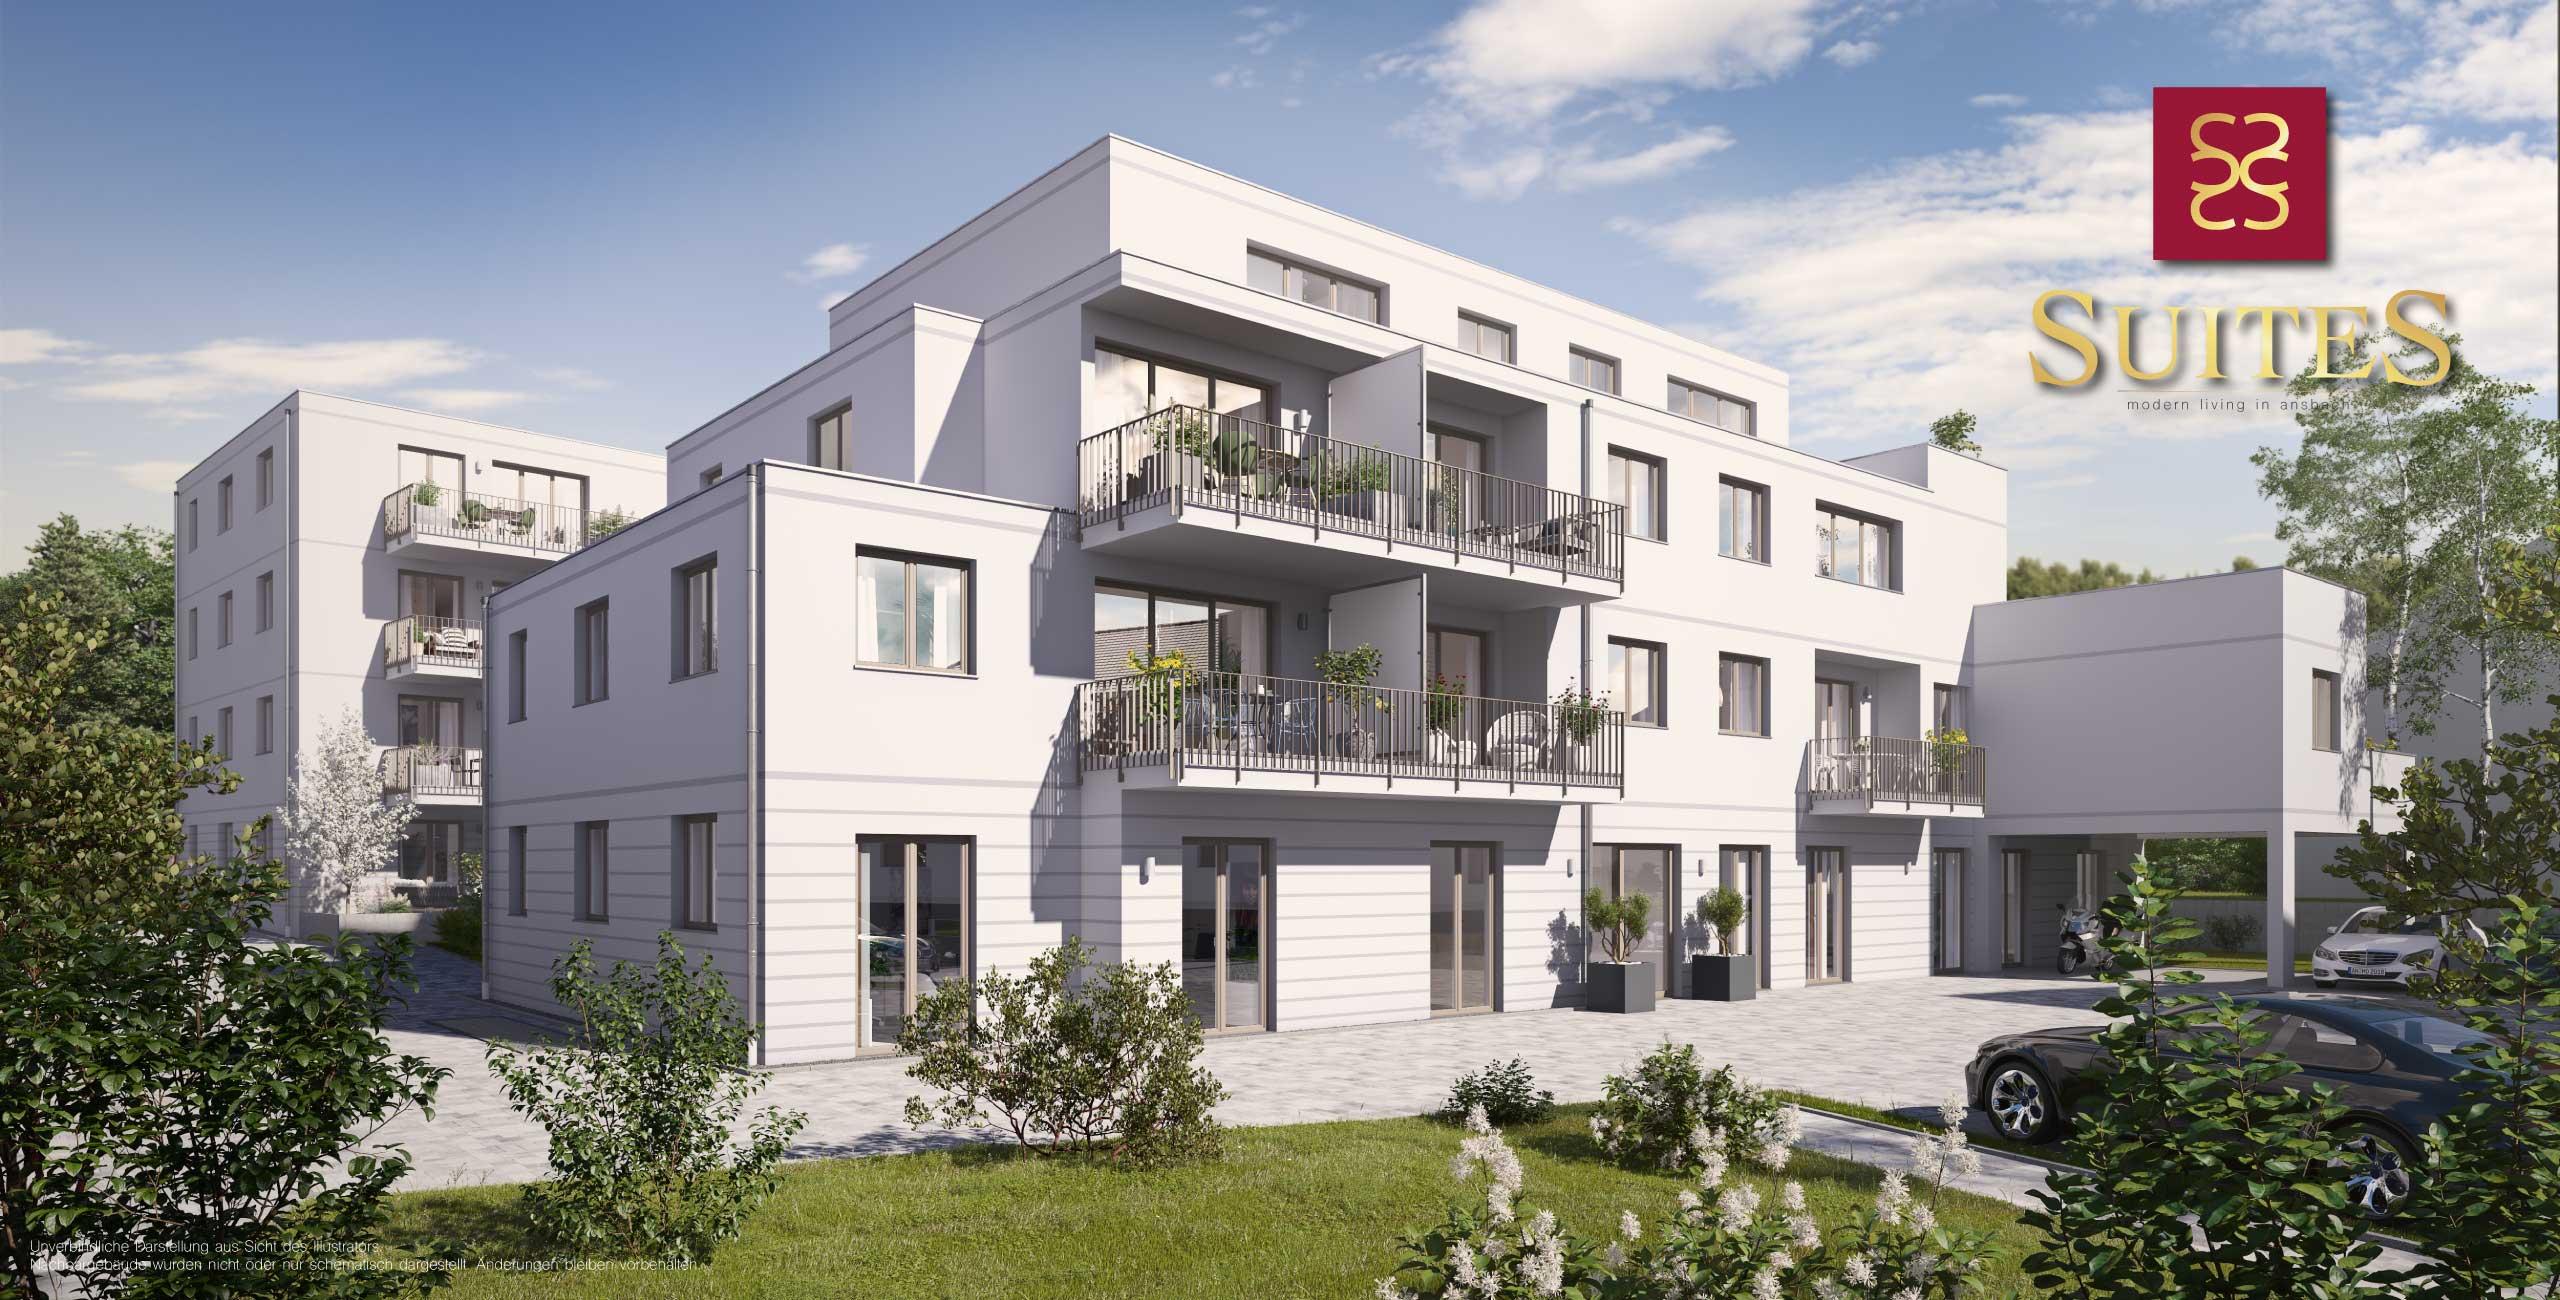 Ansbach SUITES Alte Poststraße Neubau Eigentumswohnungen Wattenbachareal